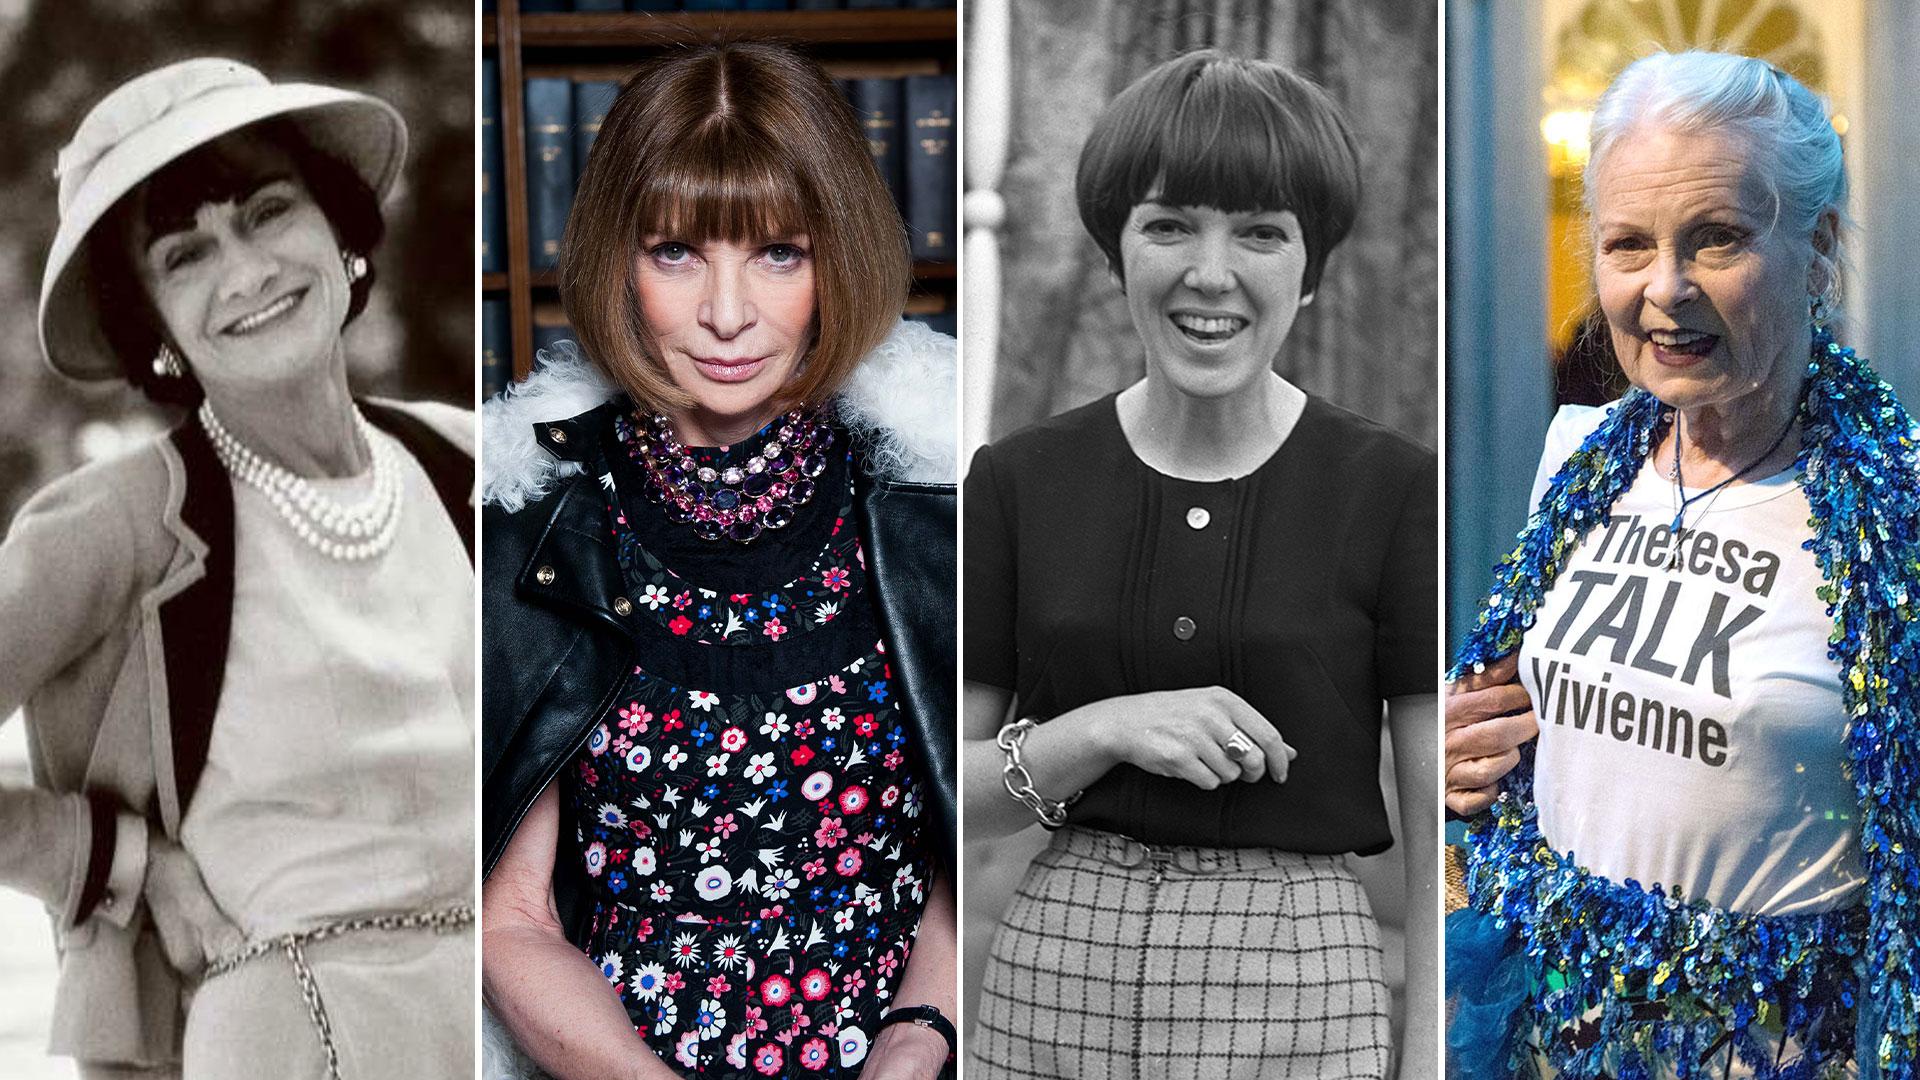 Coco Chanel, Anna Wintour, Mary Quant y Vivienne Westwood, cuatro mujeres que marcaron historia en la moda